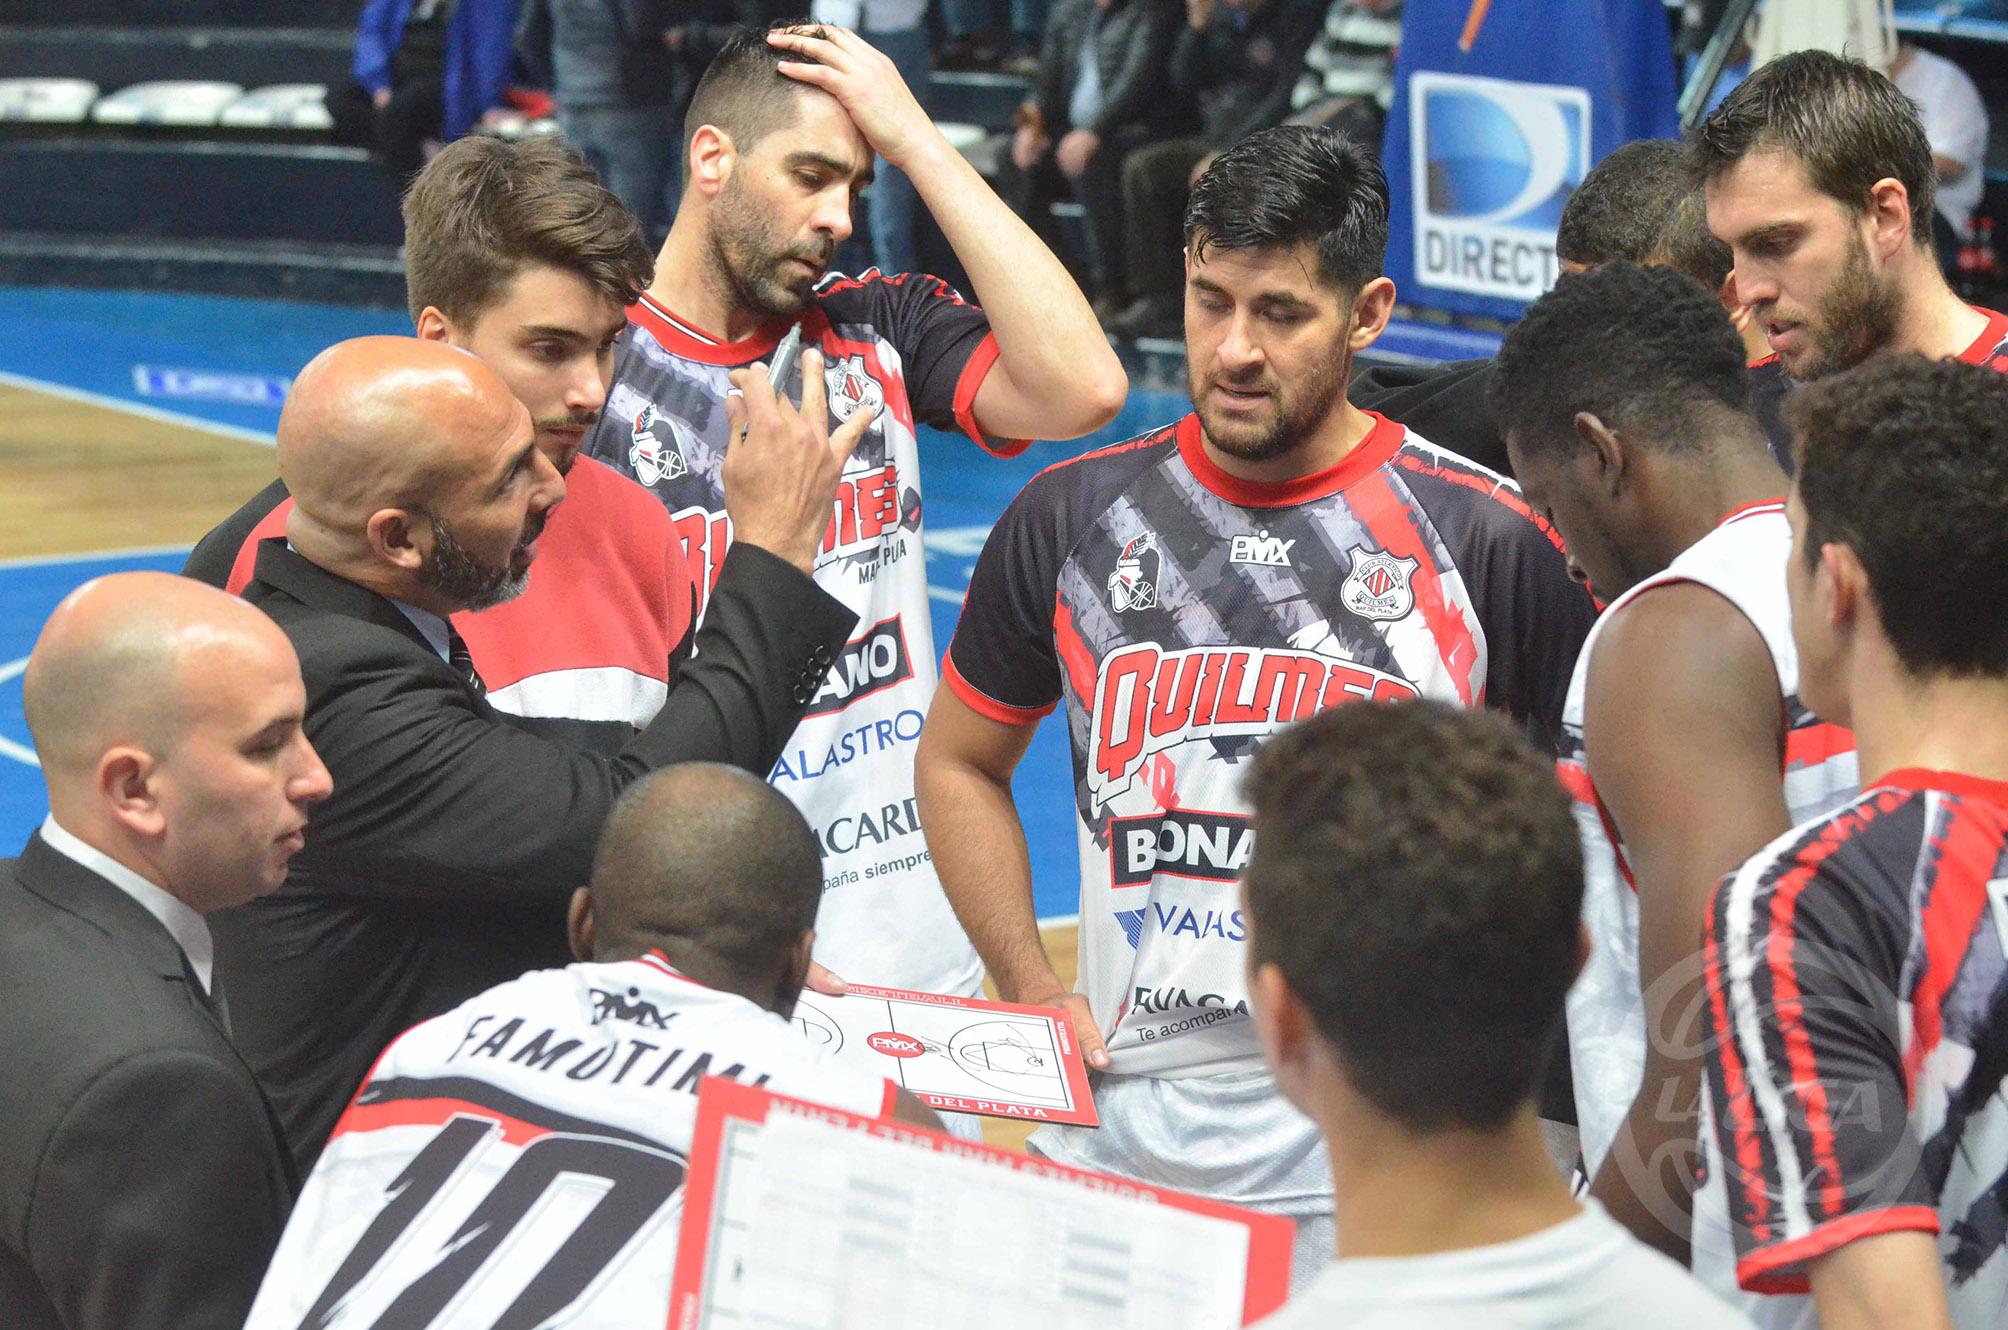 Javier Bianchelli dando indicaciones durante un minuto. (Foto: Prensa Bahía Basket)